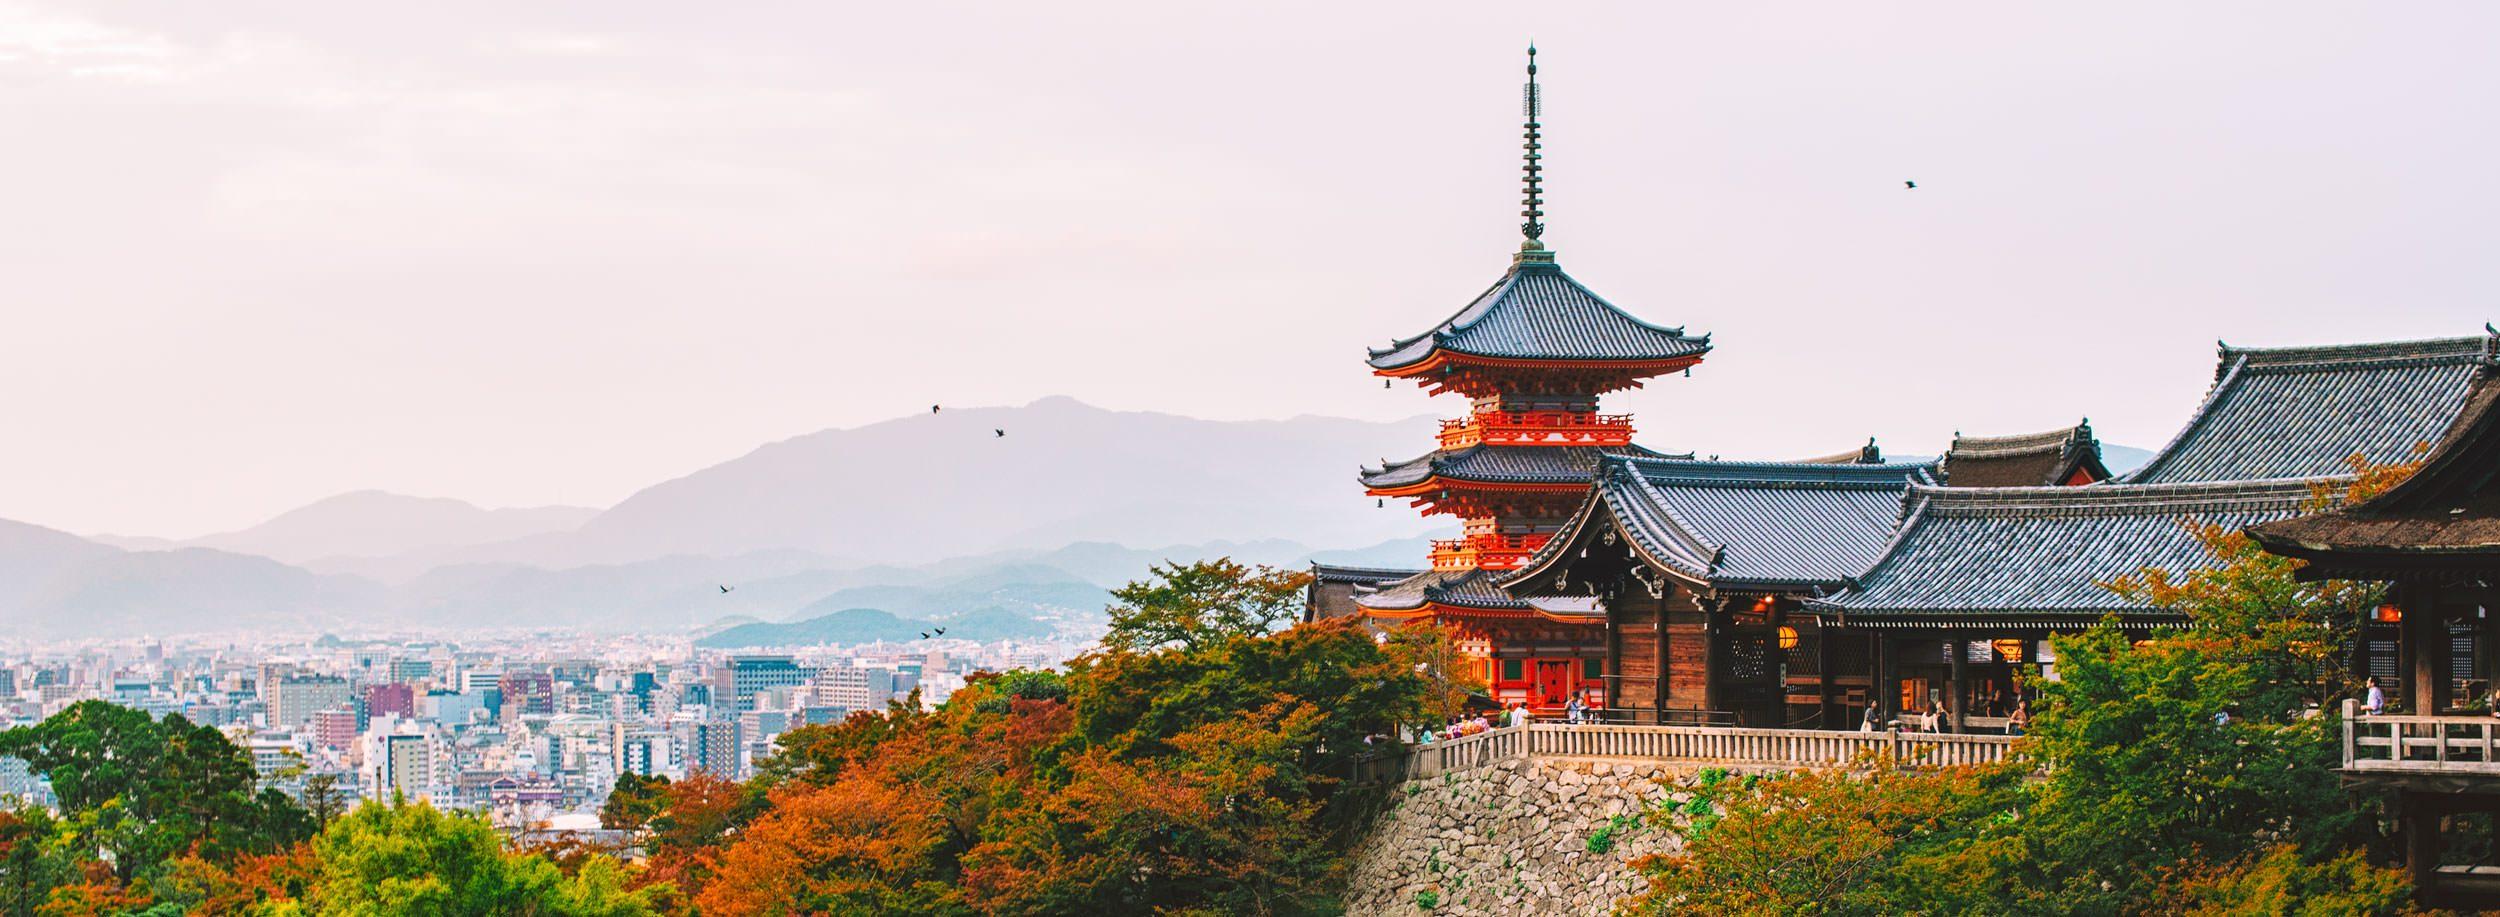 tokio-czy-kioto